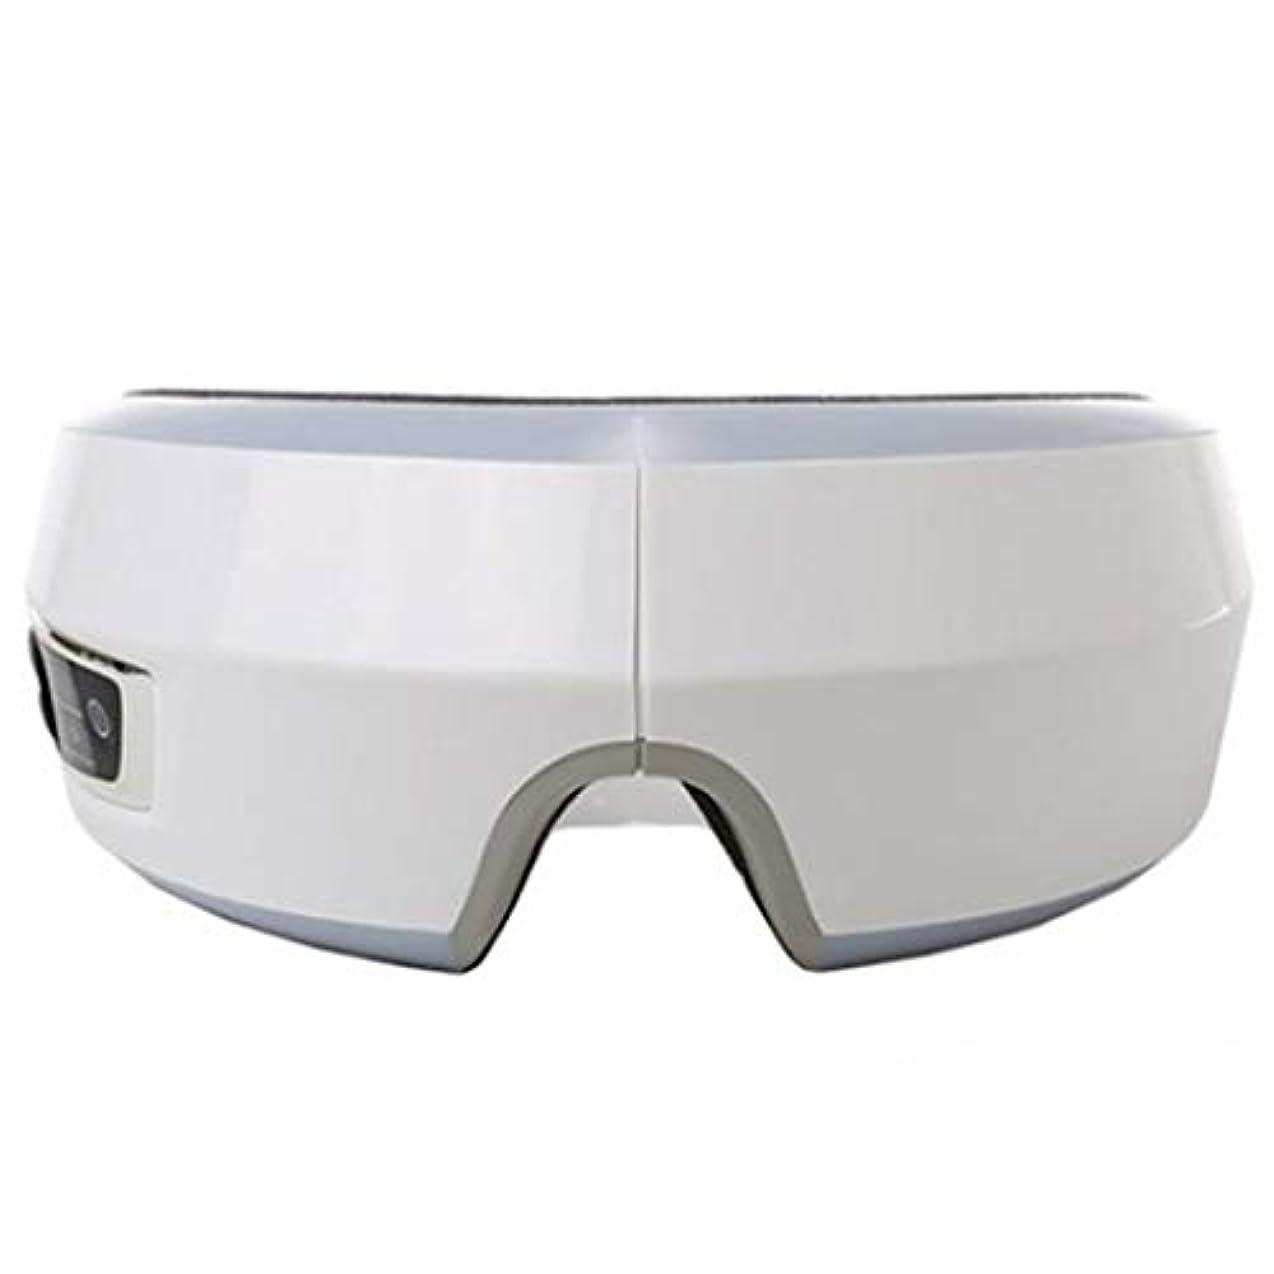 いつ鉱石進むZESPAアイヒーリングソリューションアイマッサージャー振動加熱マッサージ音楽機能ZP441 ZESPA Eye Healing Solution Eye Massager Vibration Heating Massage Music Function ZP441 [並行輸入品]